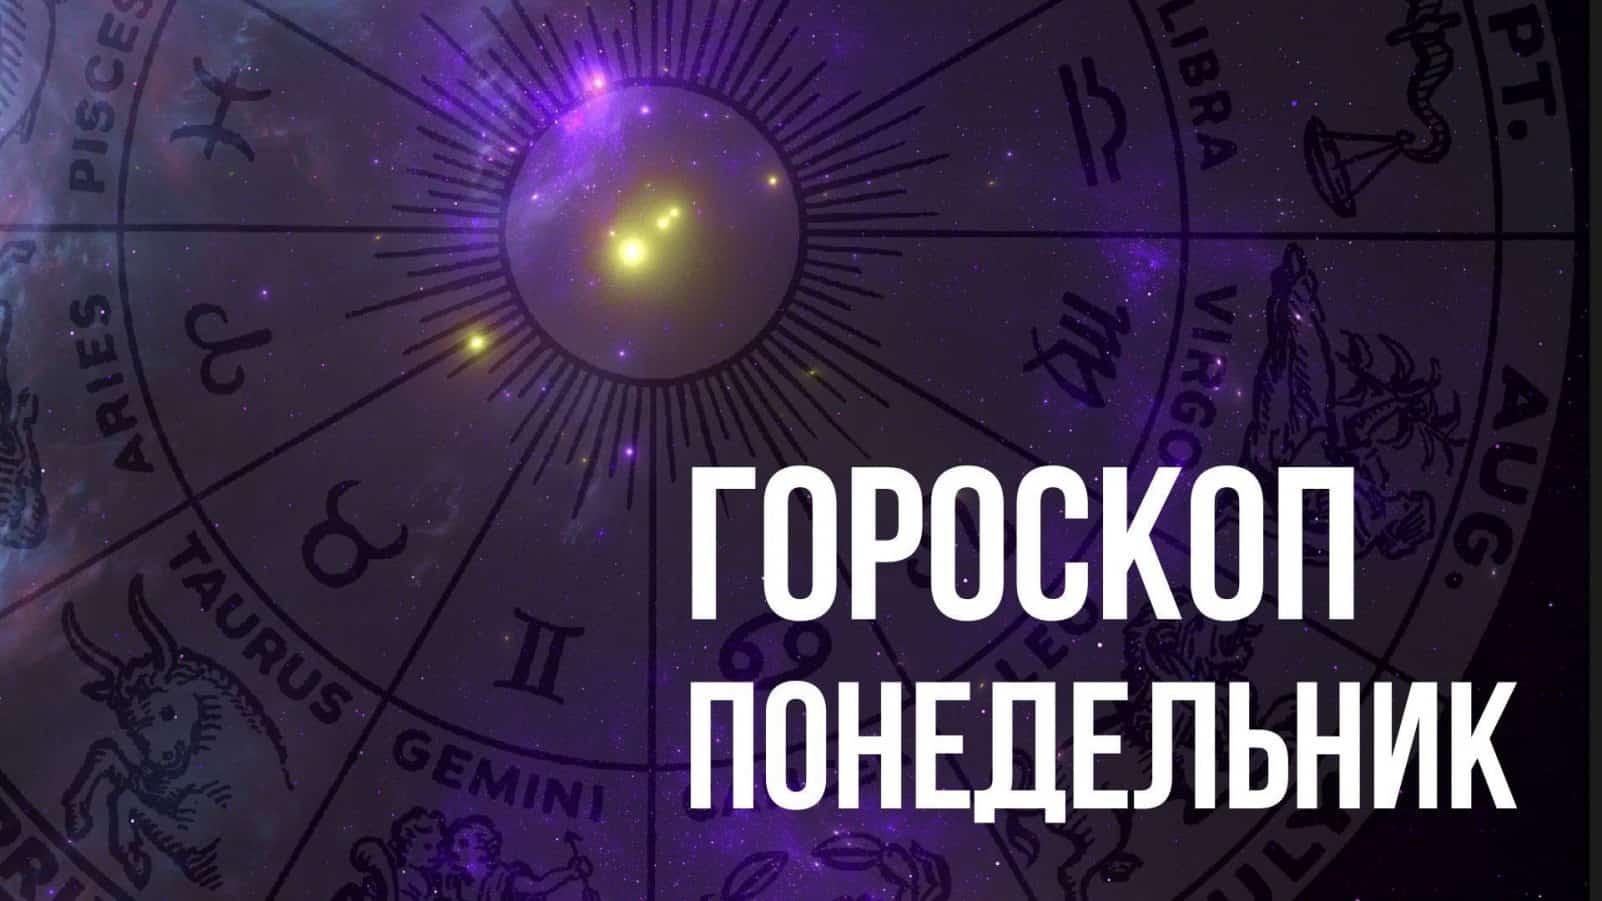 Гороскоп на понедельник 14 июня для каждого знака Зодиака